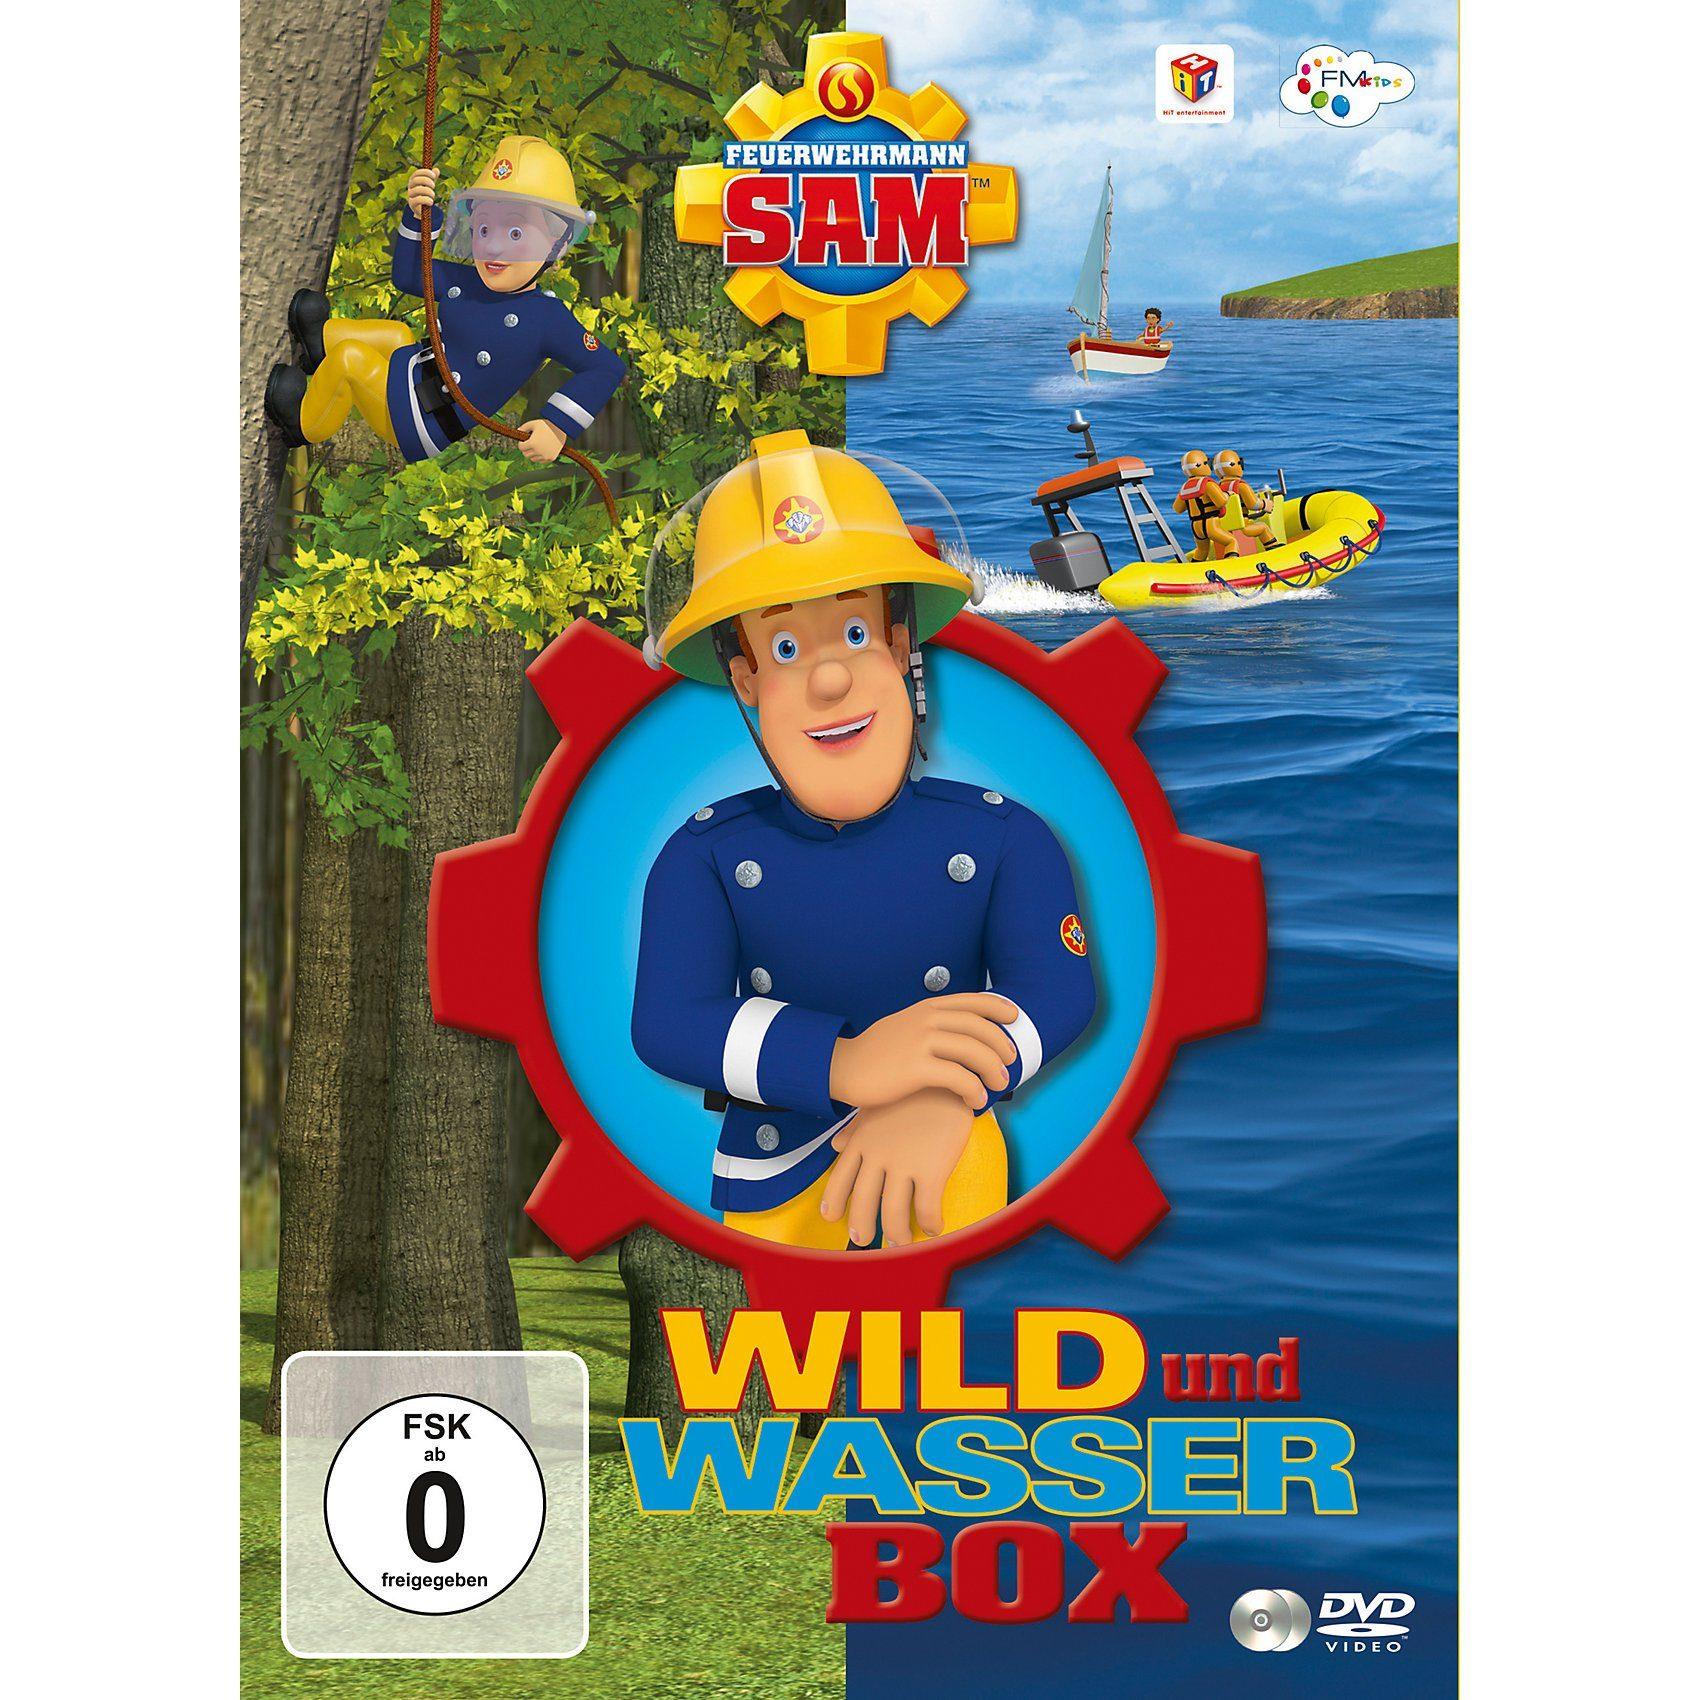 DVD Feuerwehrmann Sam Wild und Wasser Box